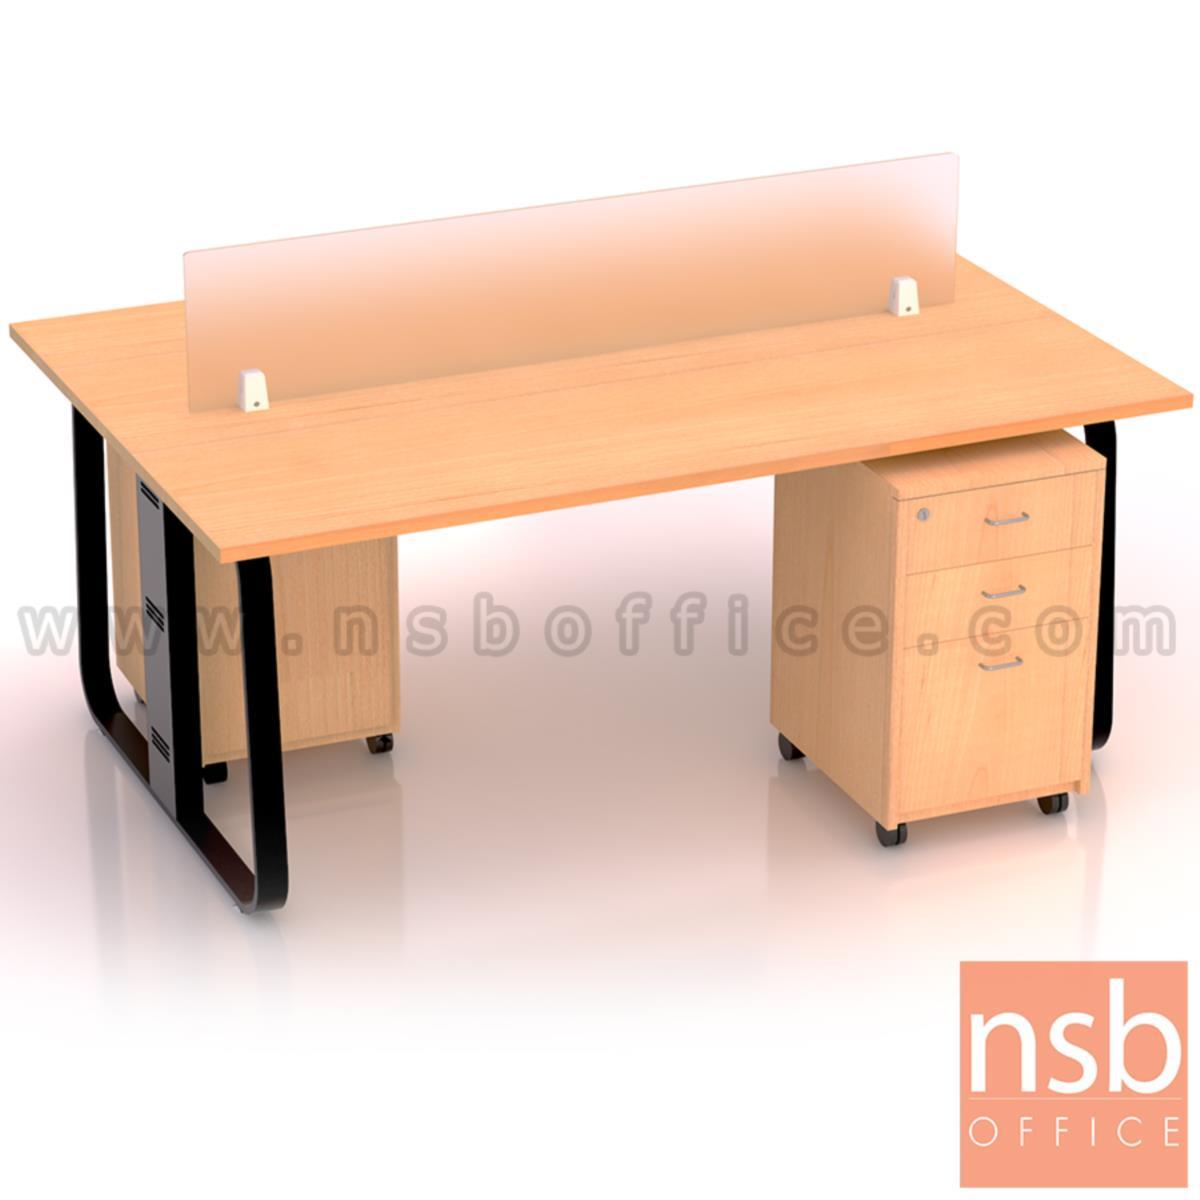 A27A051:ชุดโต๊ะทำงานกลุ่มขาเหล็ก 2 ที่นั่ง รุ่น Lenka 4 (เล็งกา 4) ขนาด 180W*120D cm พร้อมมินิสกรีนและตู้ลิ้นชักไม้ล้อเลื่อน